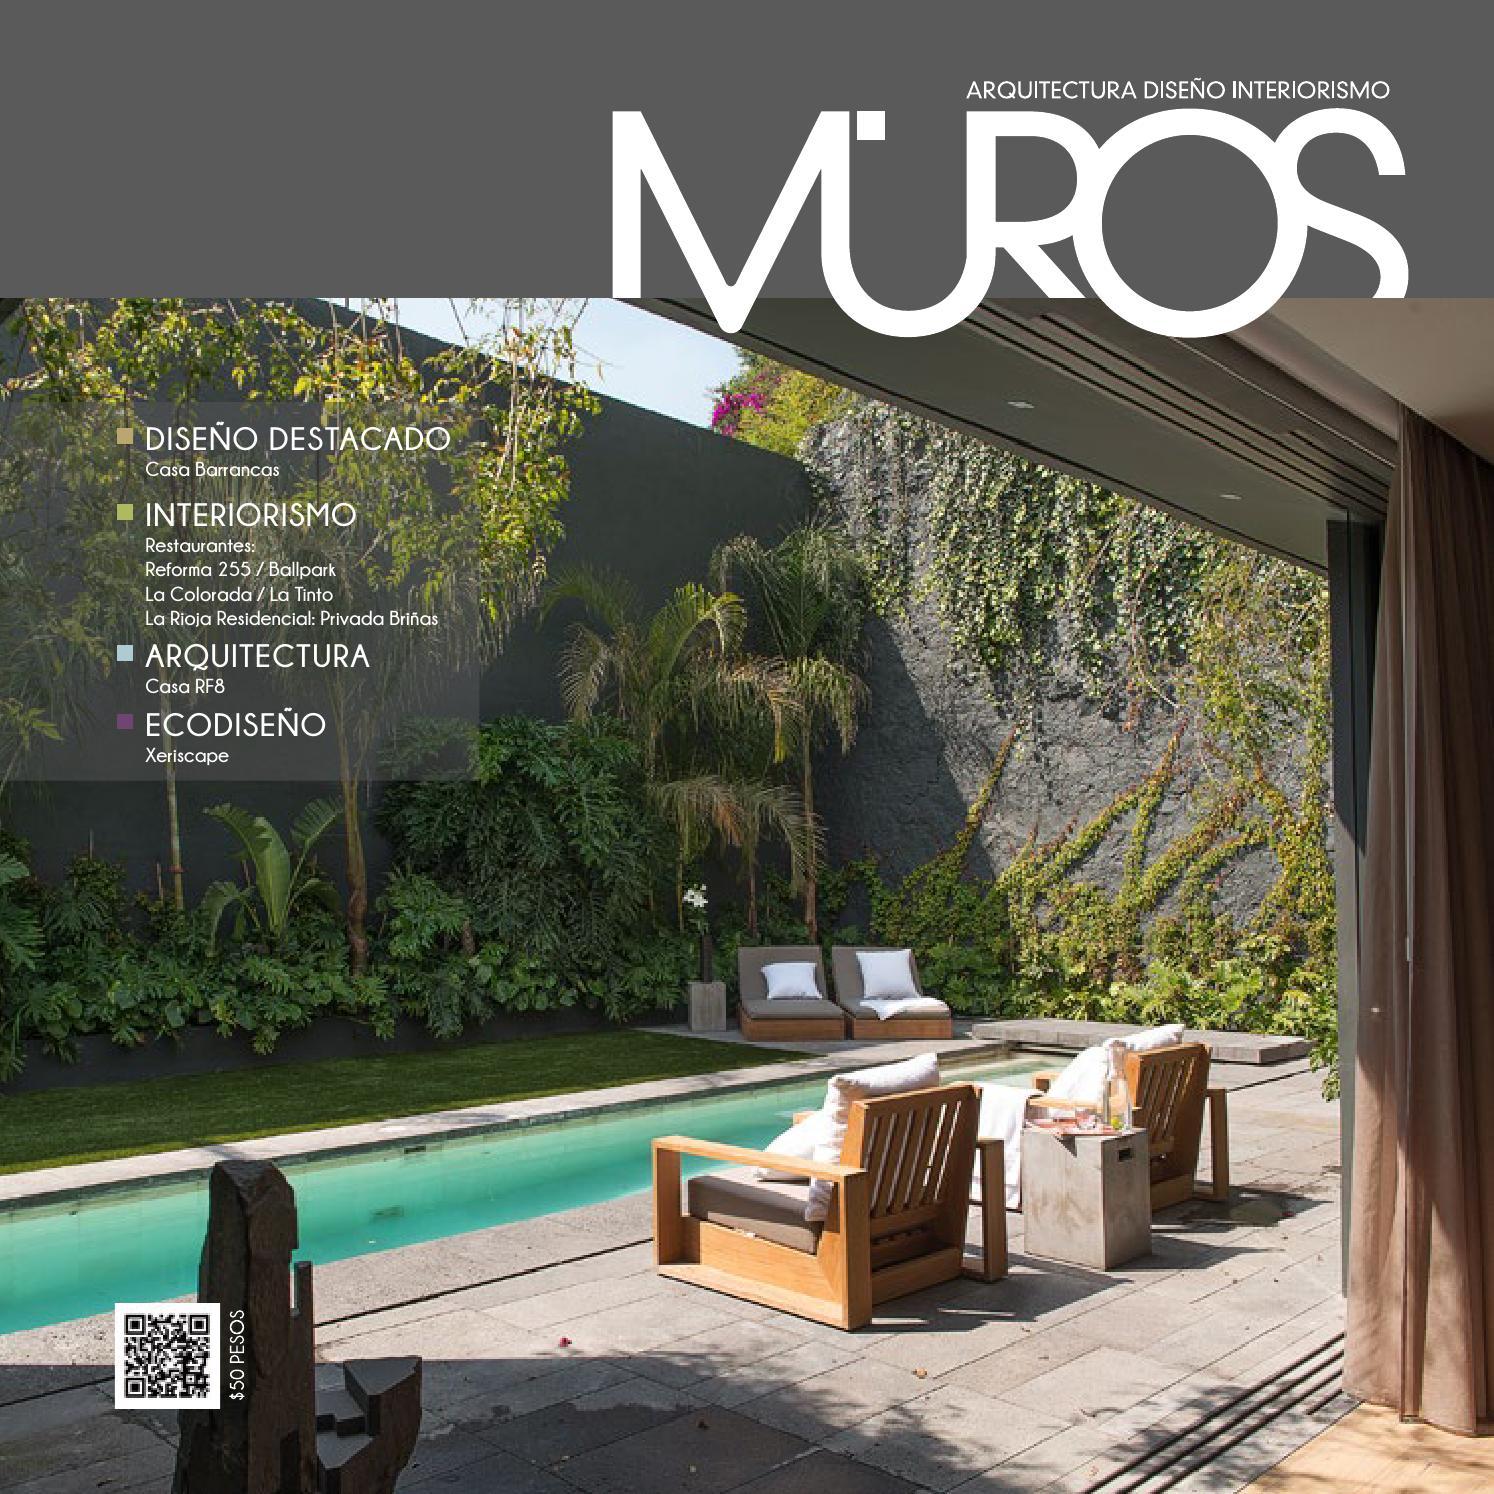 Edici n 17 revista muros arquitectura dise o for Diseno de ambientes y arquitectura de interiores